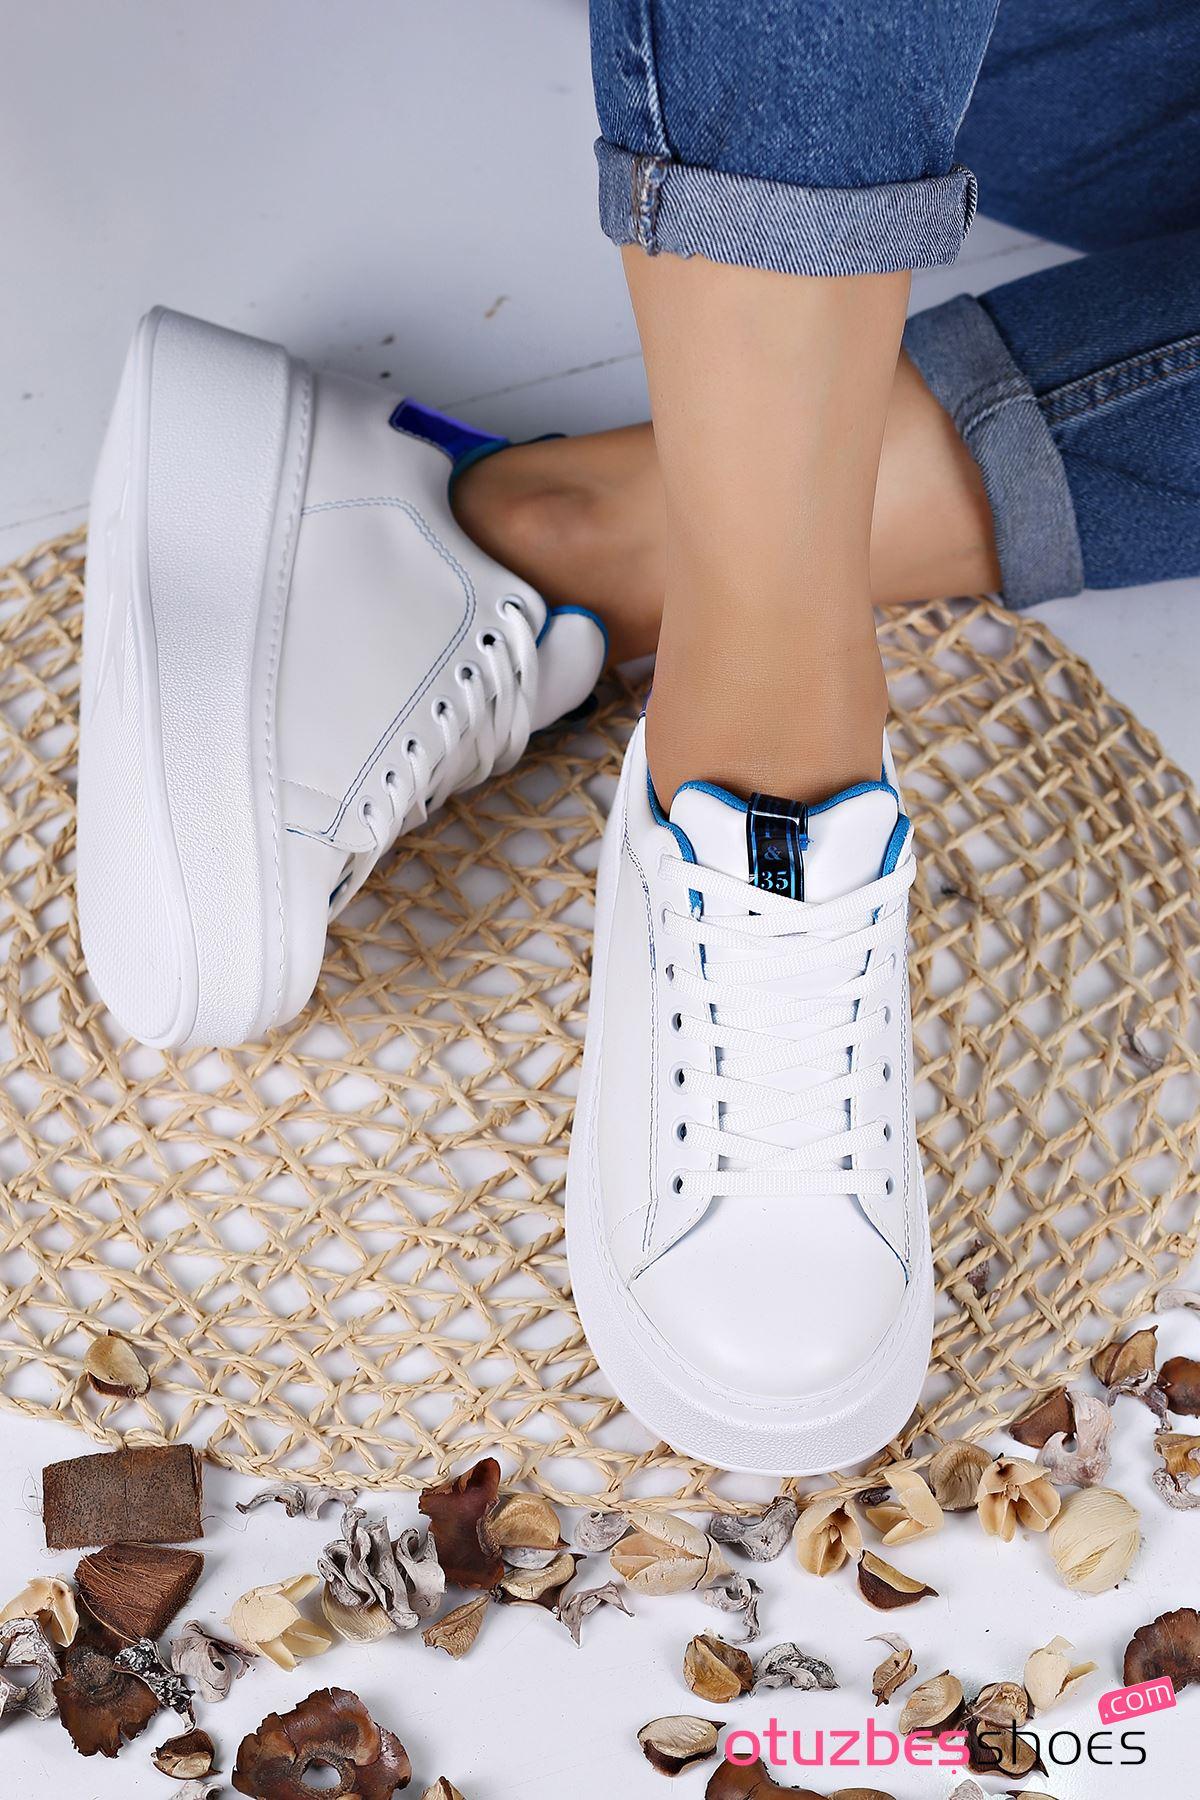 Masella Mat Deri Mavi Hologram Detay Kalın Taban Spor Ayakkabı Beyaz